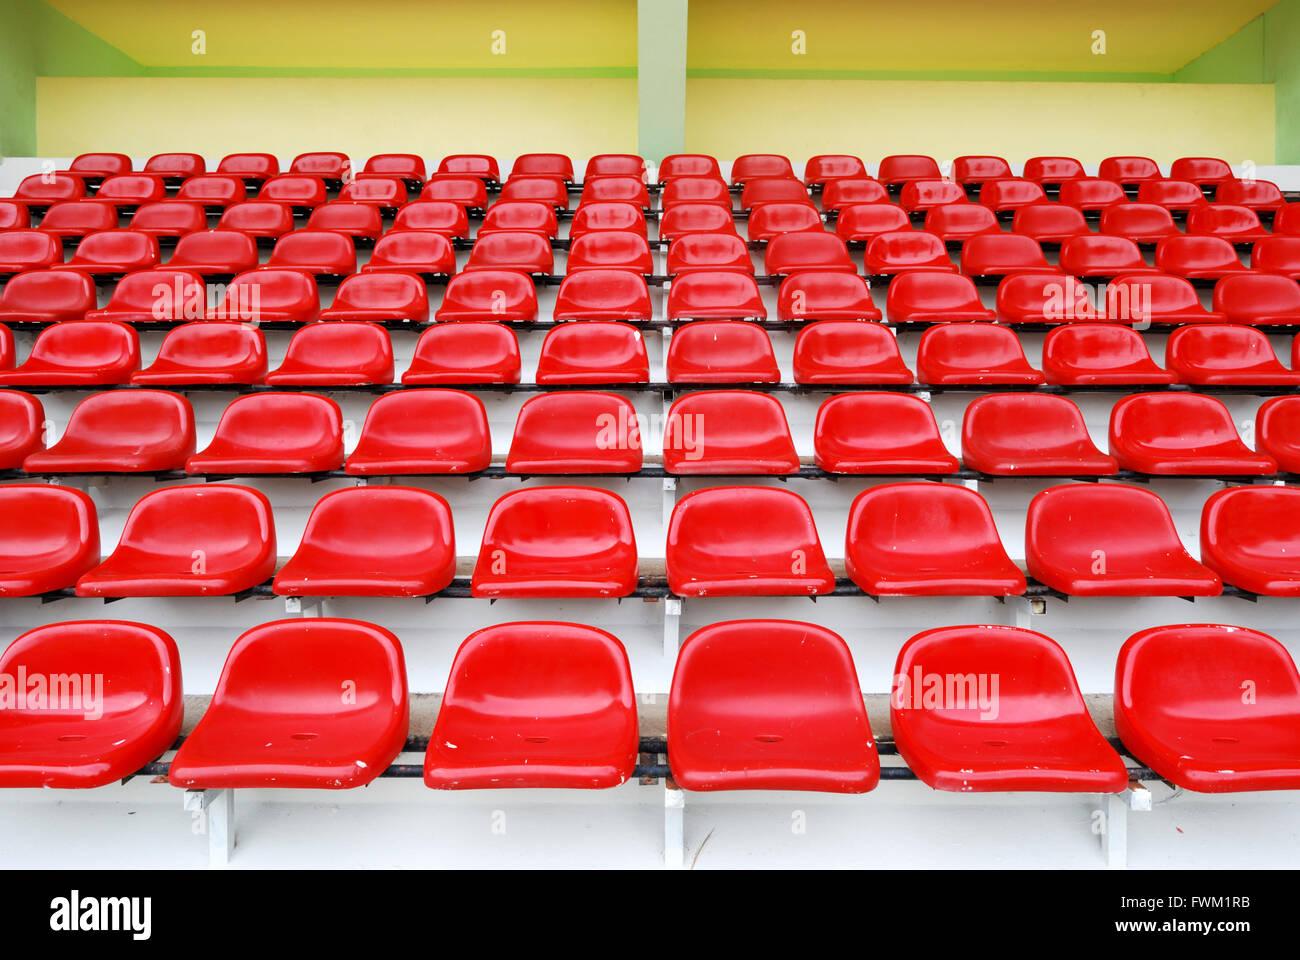 Rote Tribüne im Sportstadion Stockbild